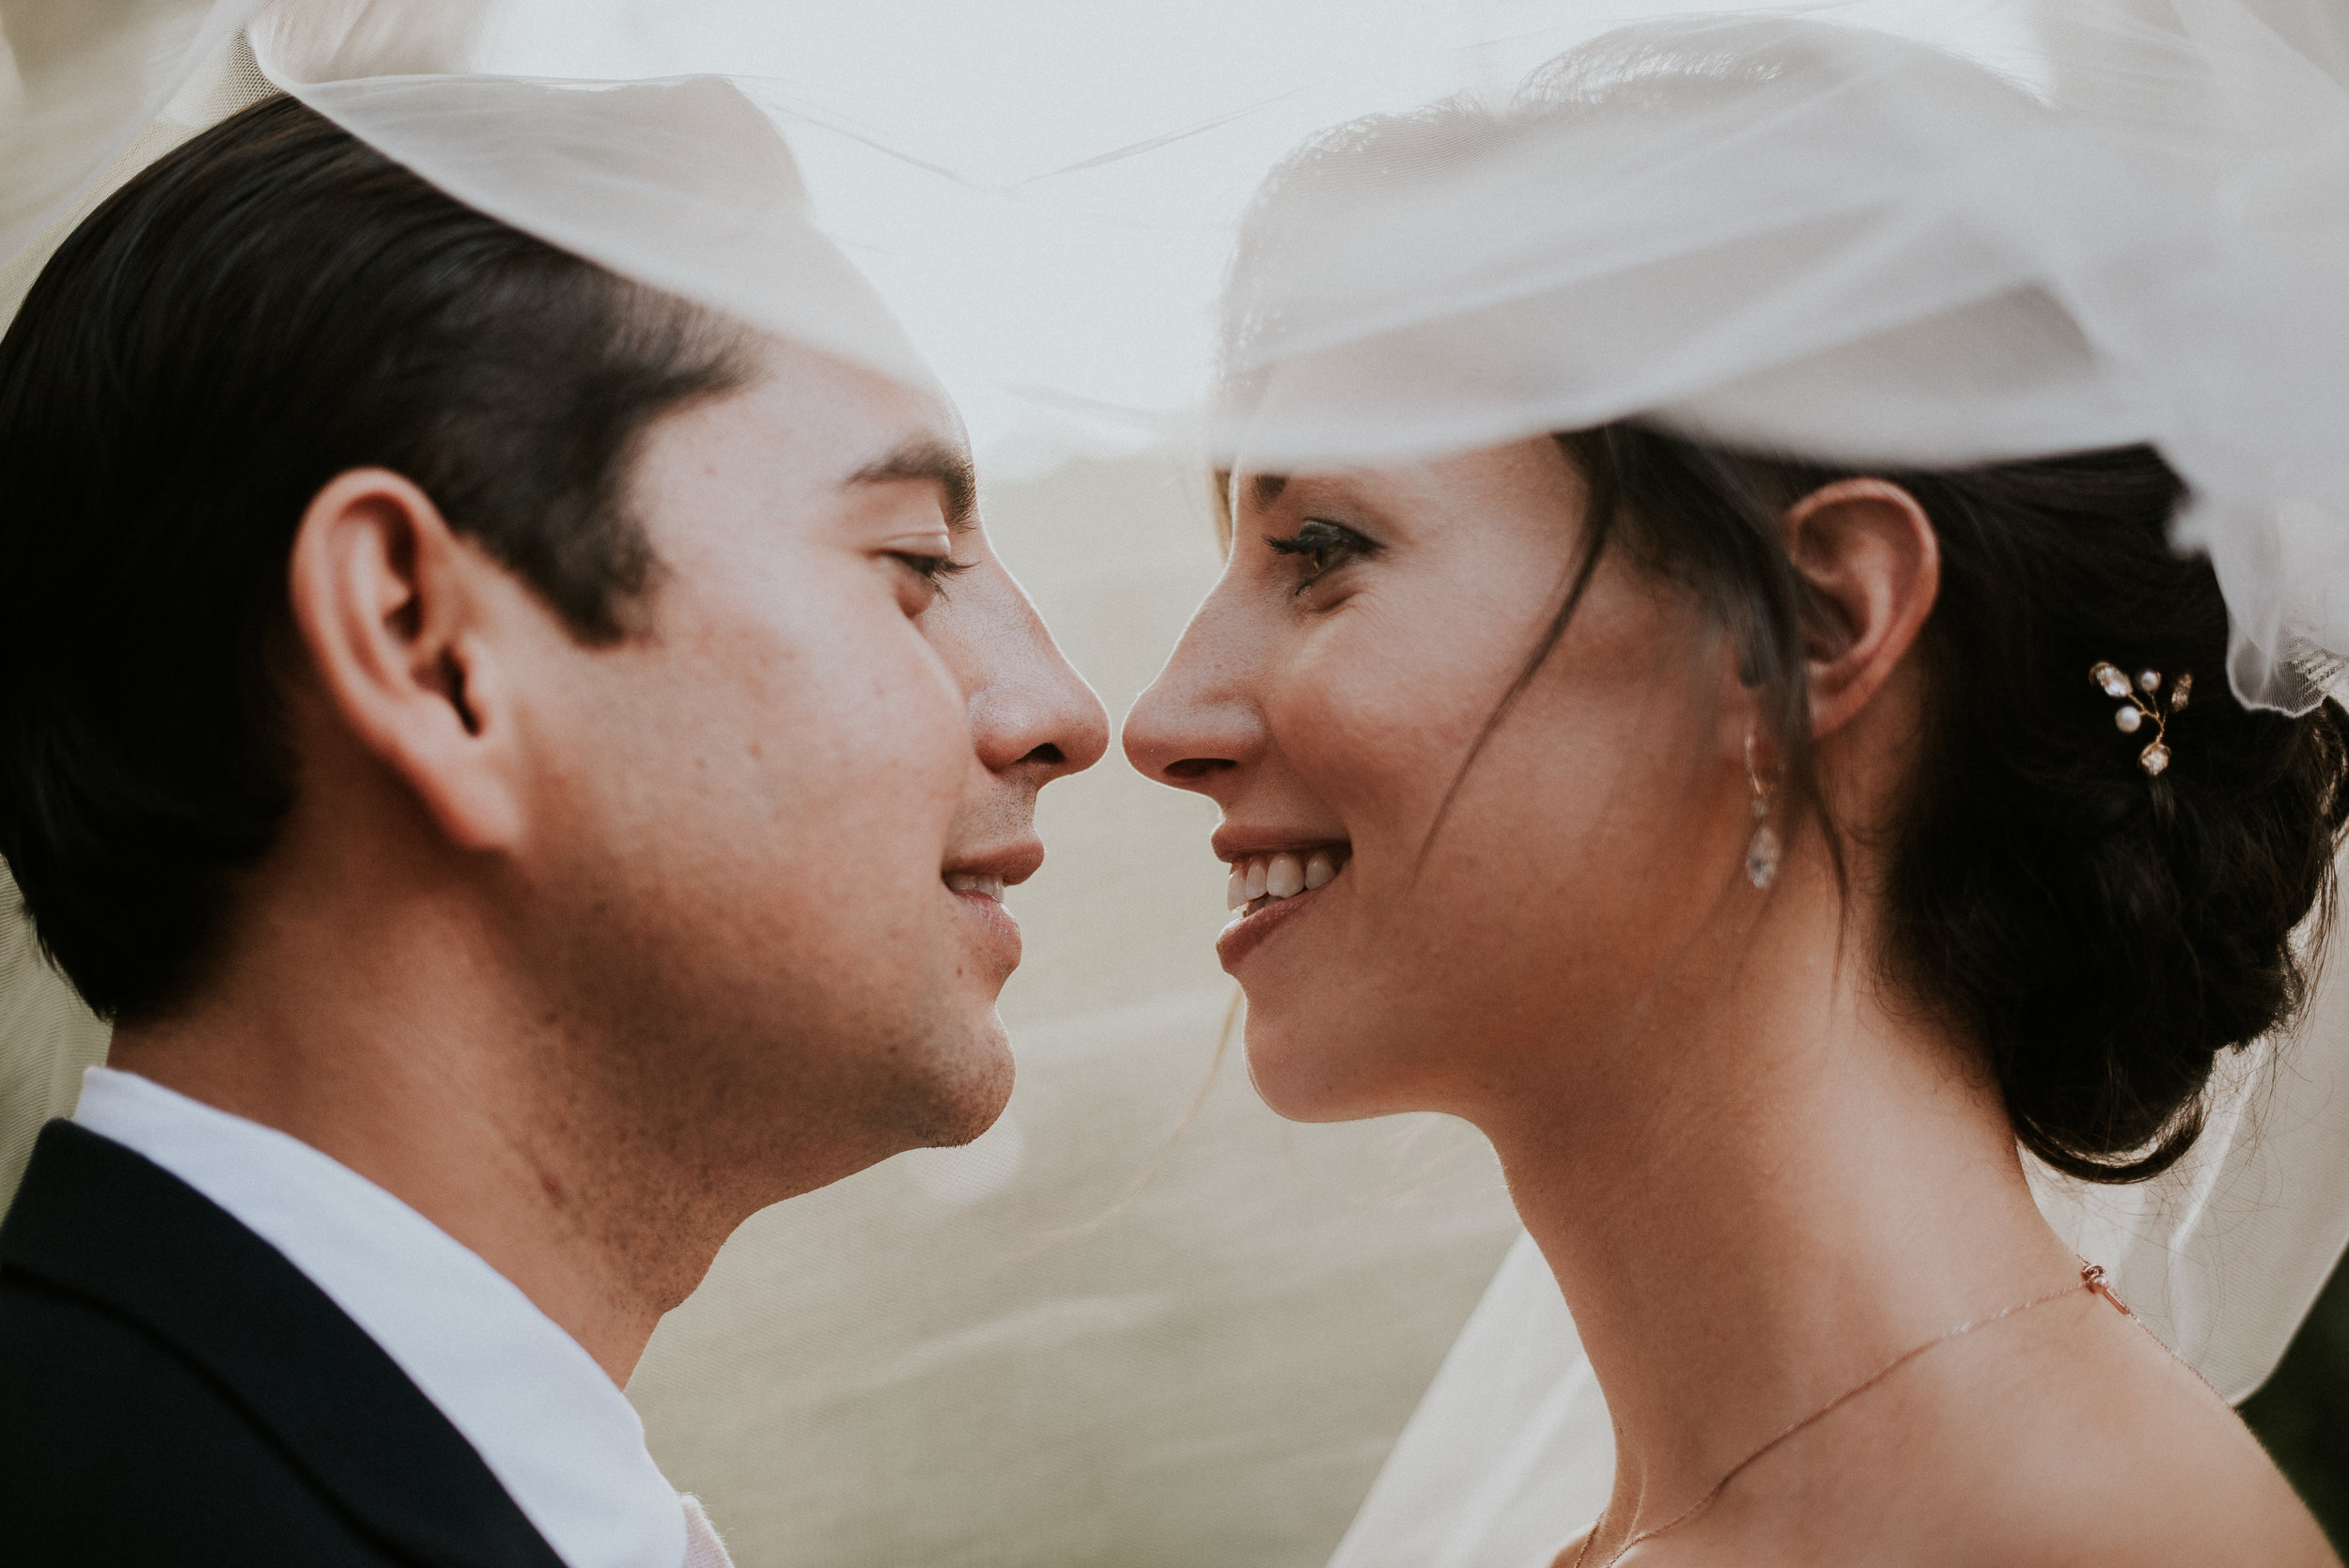 Bride and groom smiling underneath veil